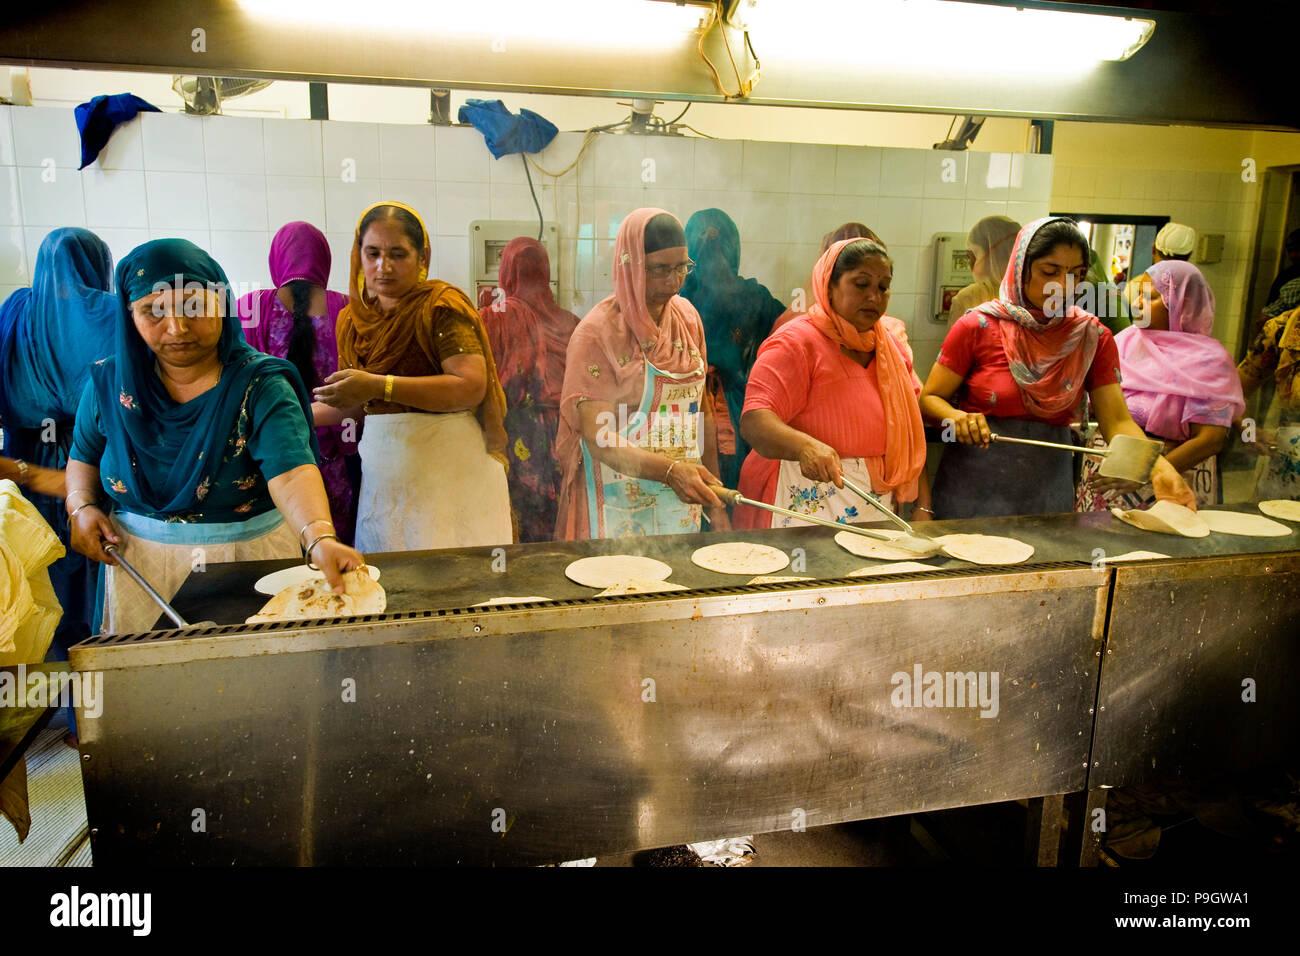 Frauen, die kochen Chapati, Sikh Gemeinschaft, Sikhdharma ...